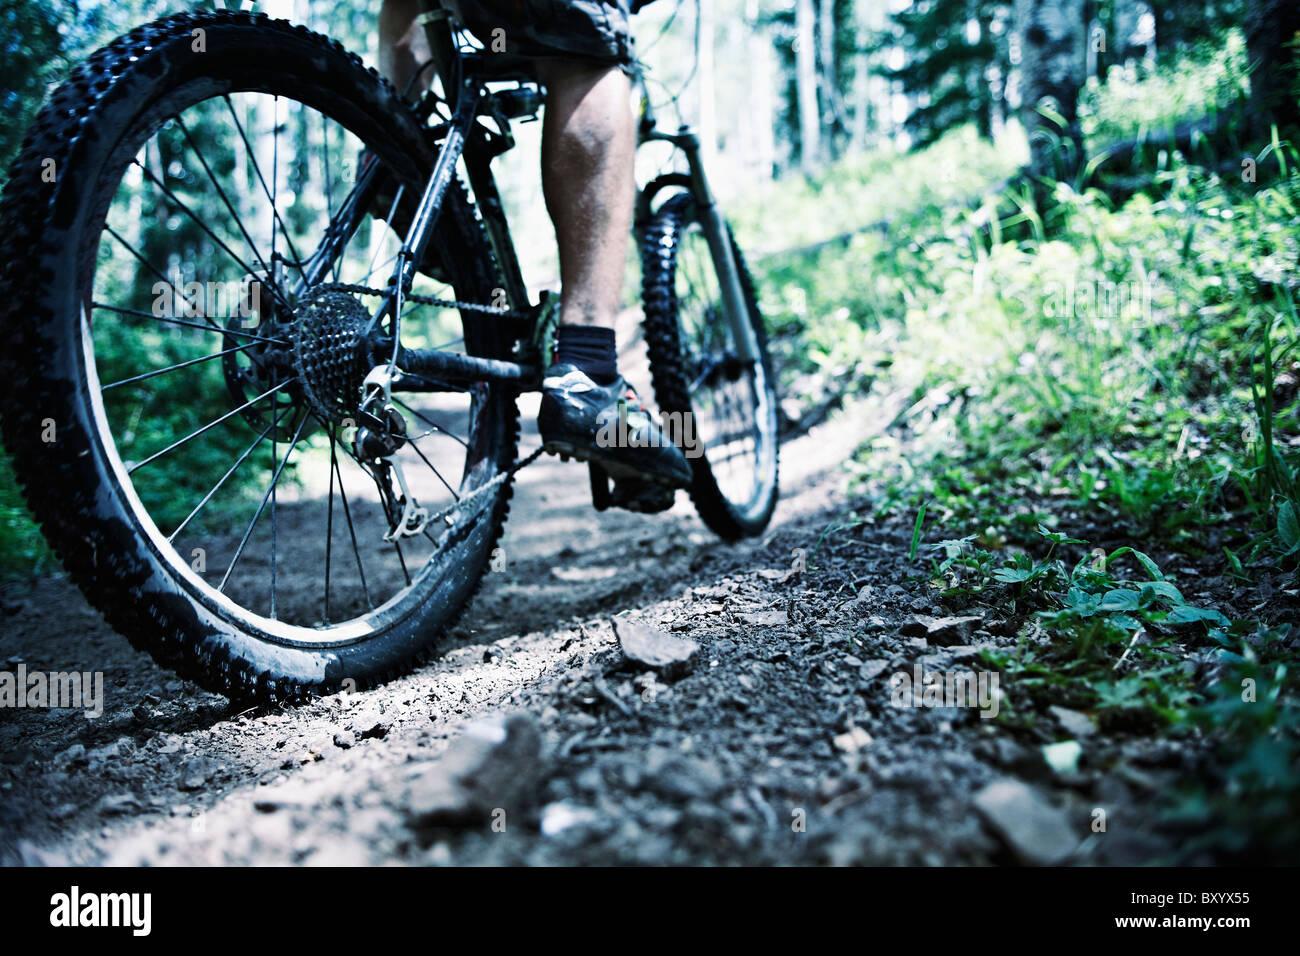 Uomo in mountain bike nella Foresta Immagini Stock